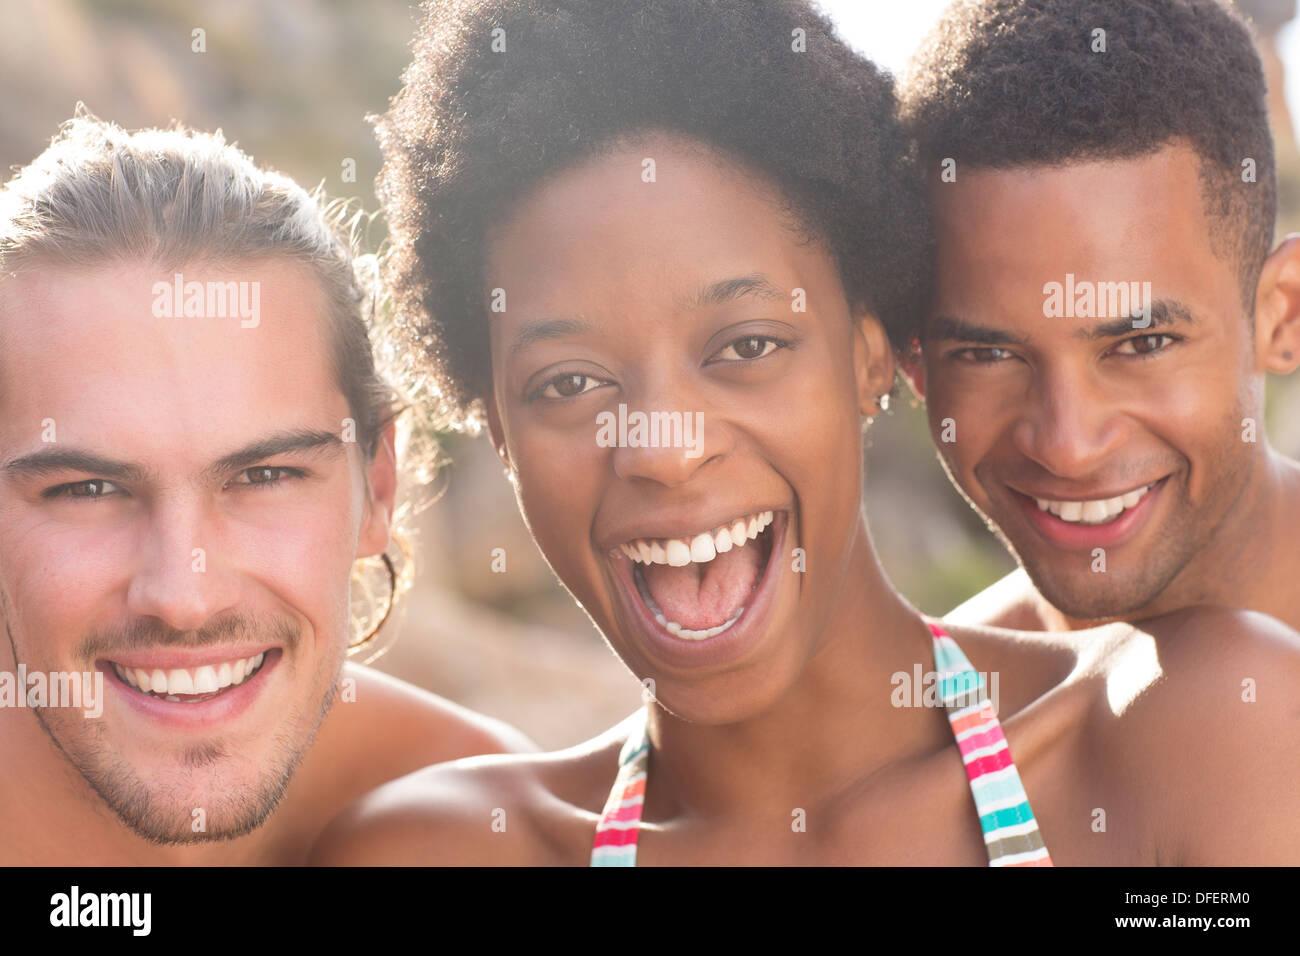 Ritratto di amici sorridente Immagini Stock